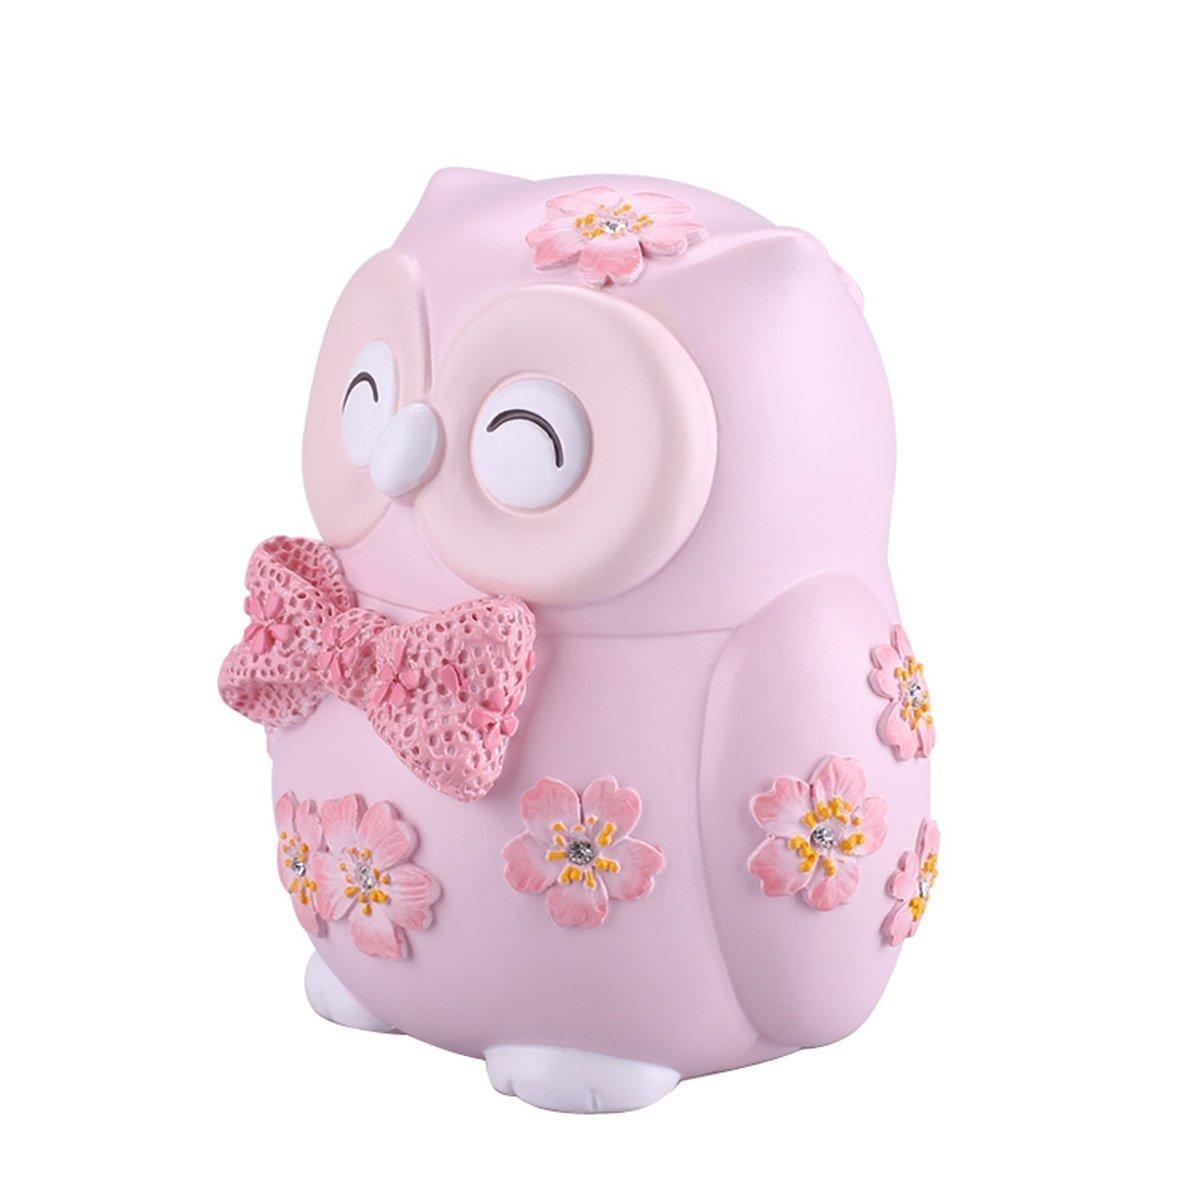 Amazon.com : ElecNova Cute Elephant Piggy Bank Home Decor